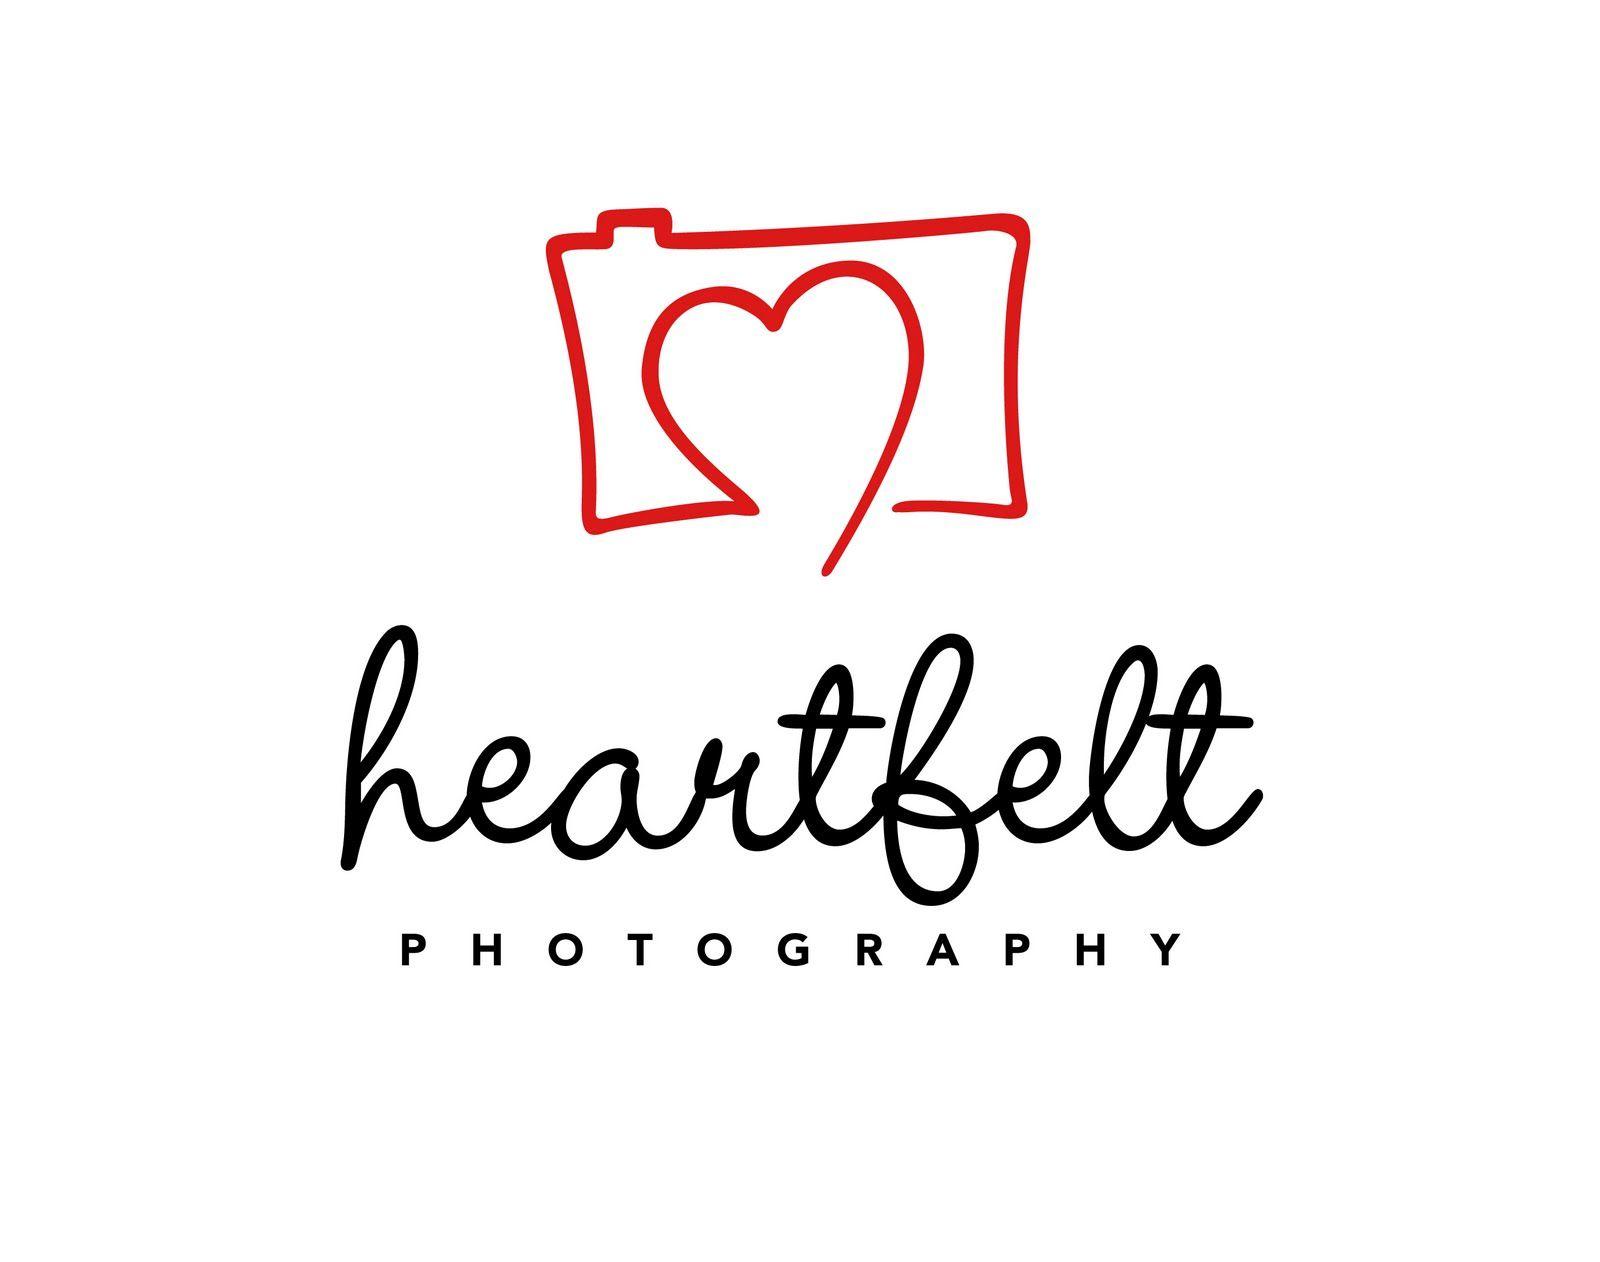 все девушки лучшие логотипы фотографов данного архитектурного элемента